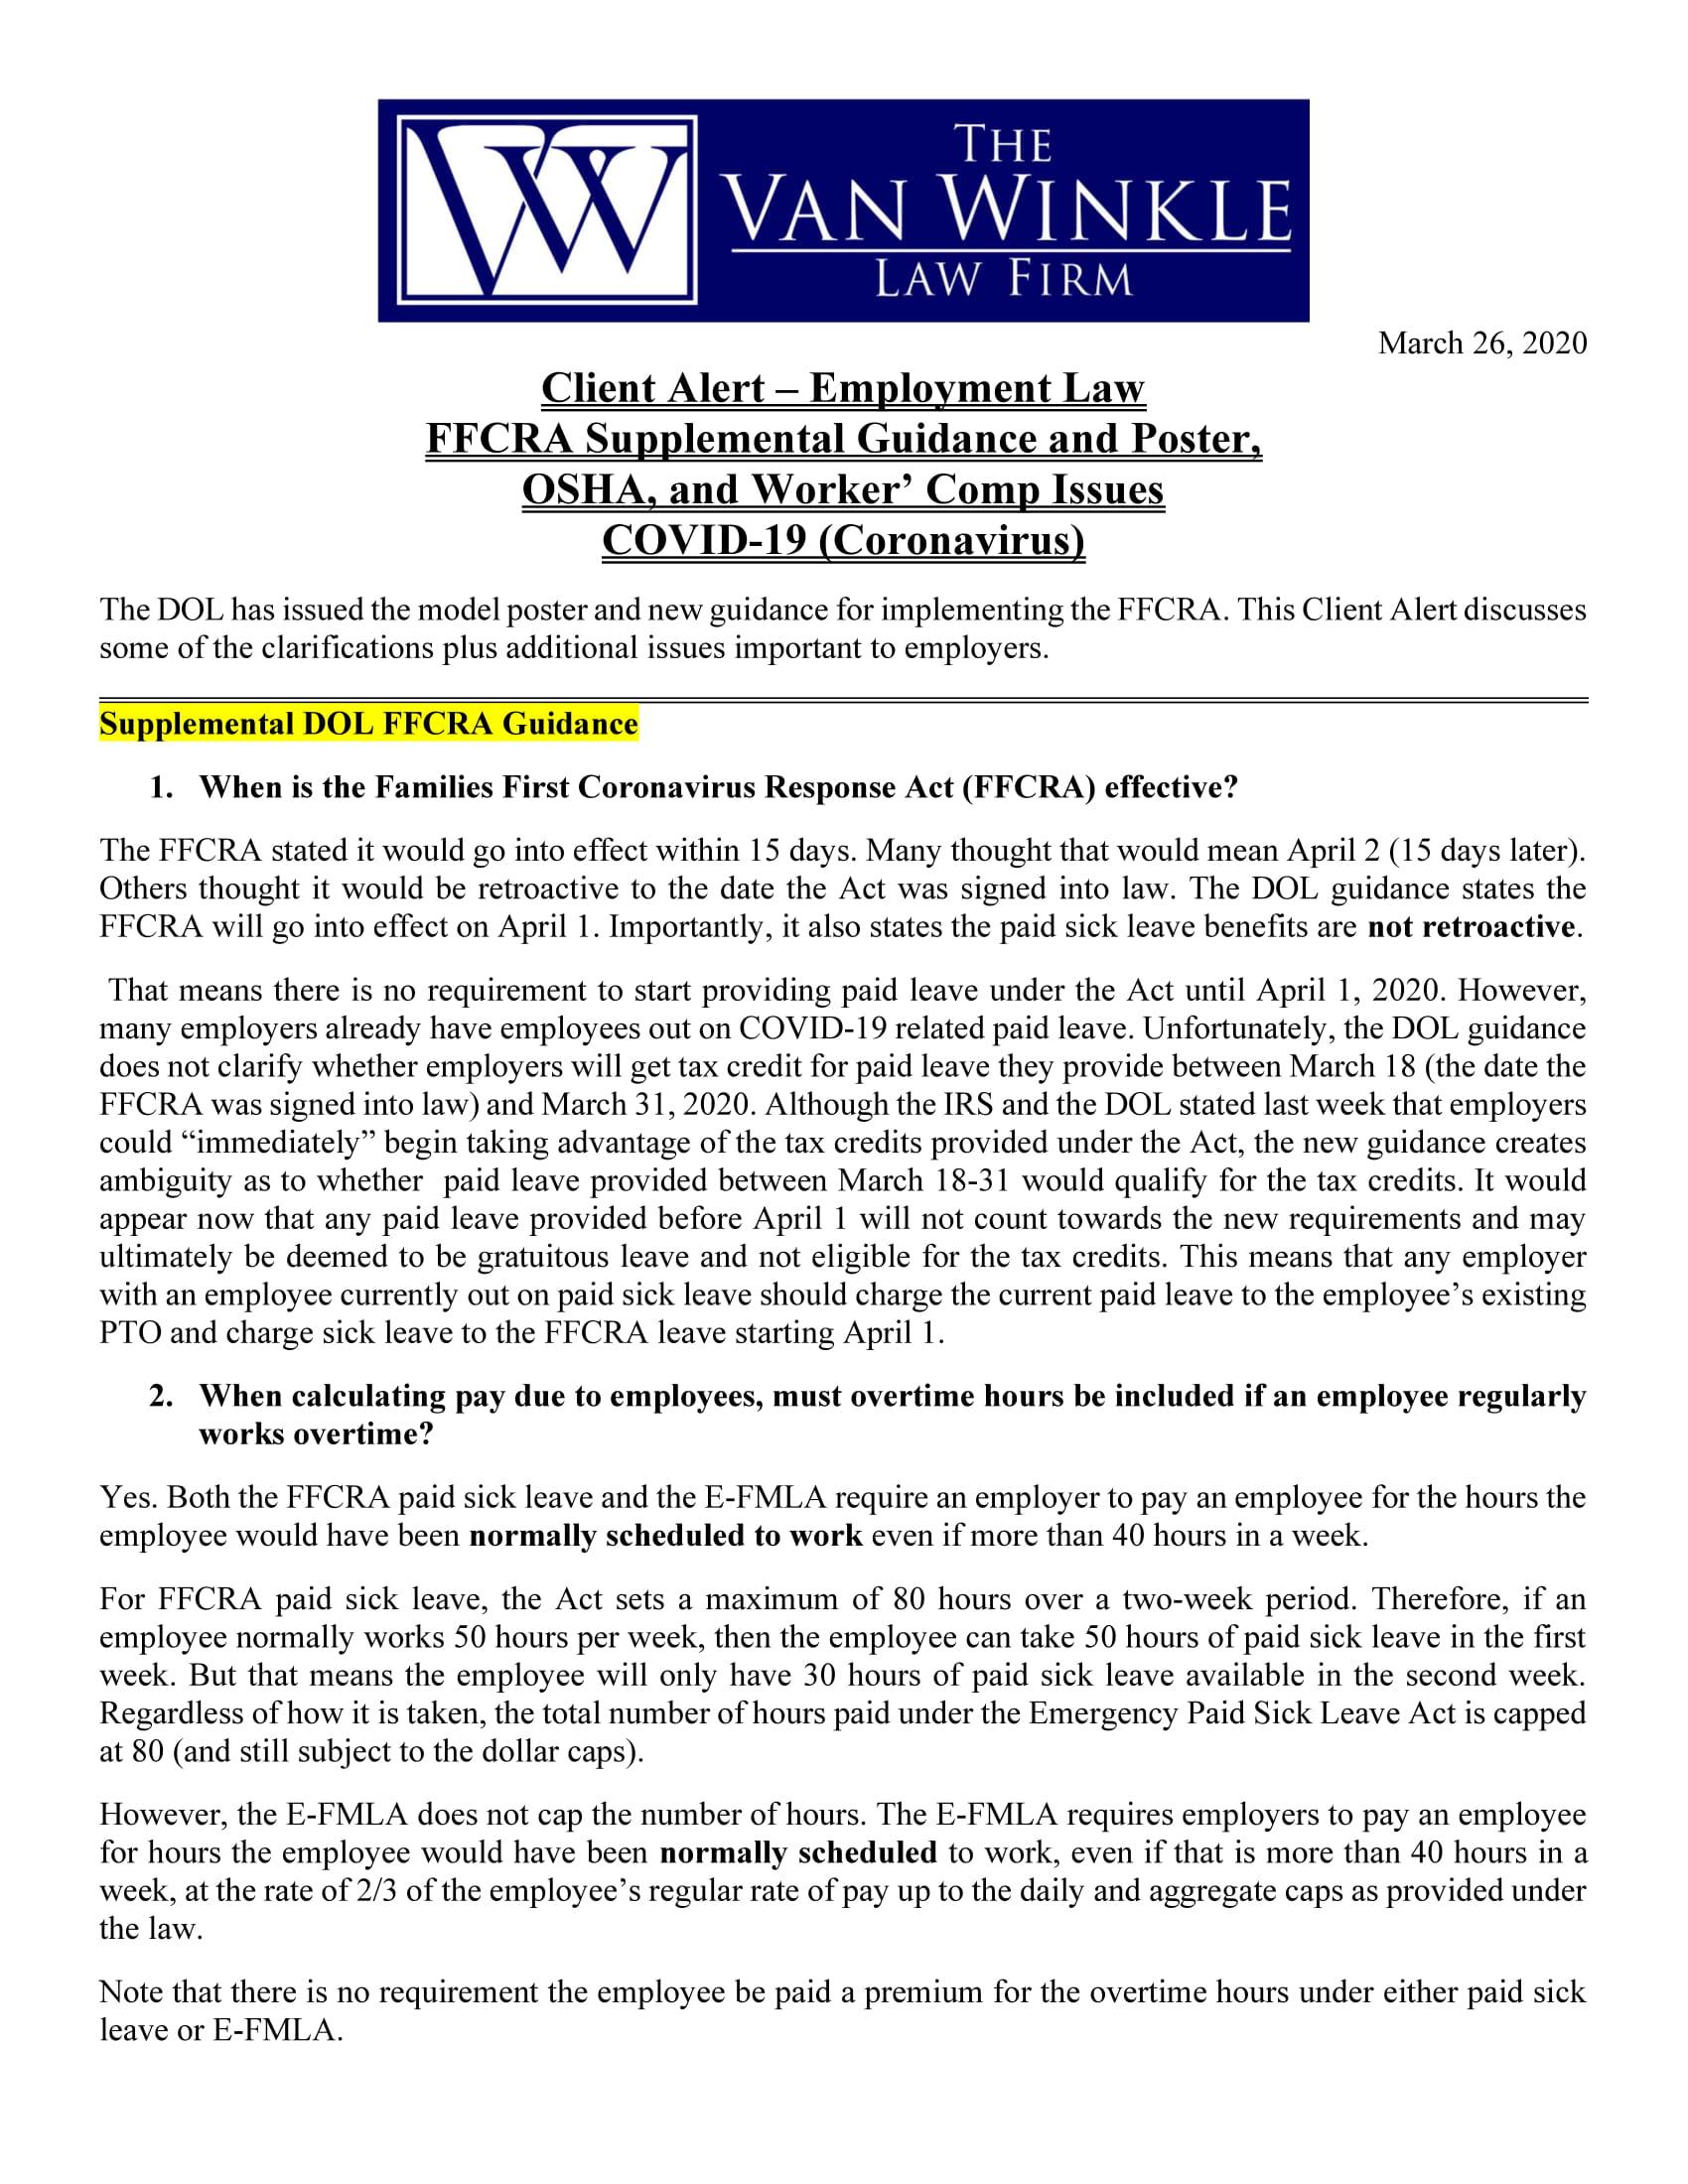 FFCRA Supplemental Guidance Page 1